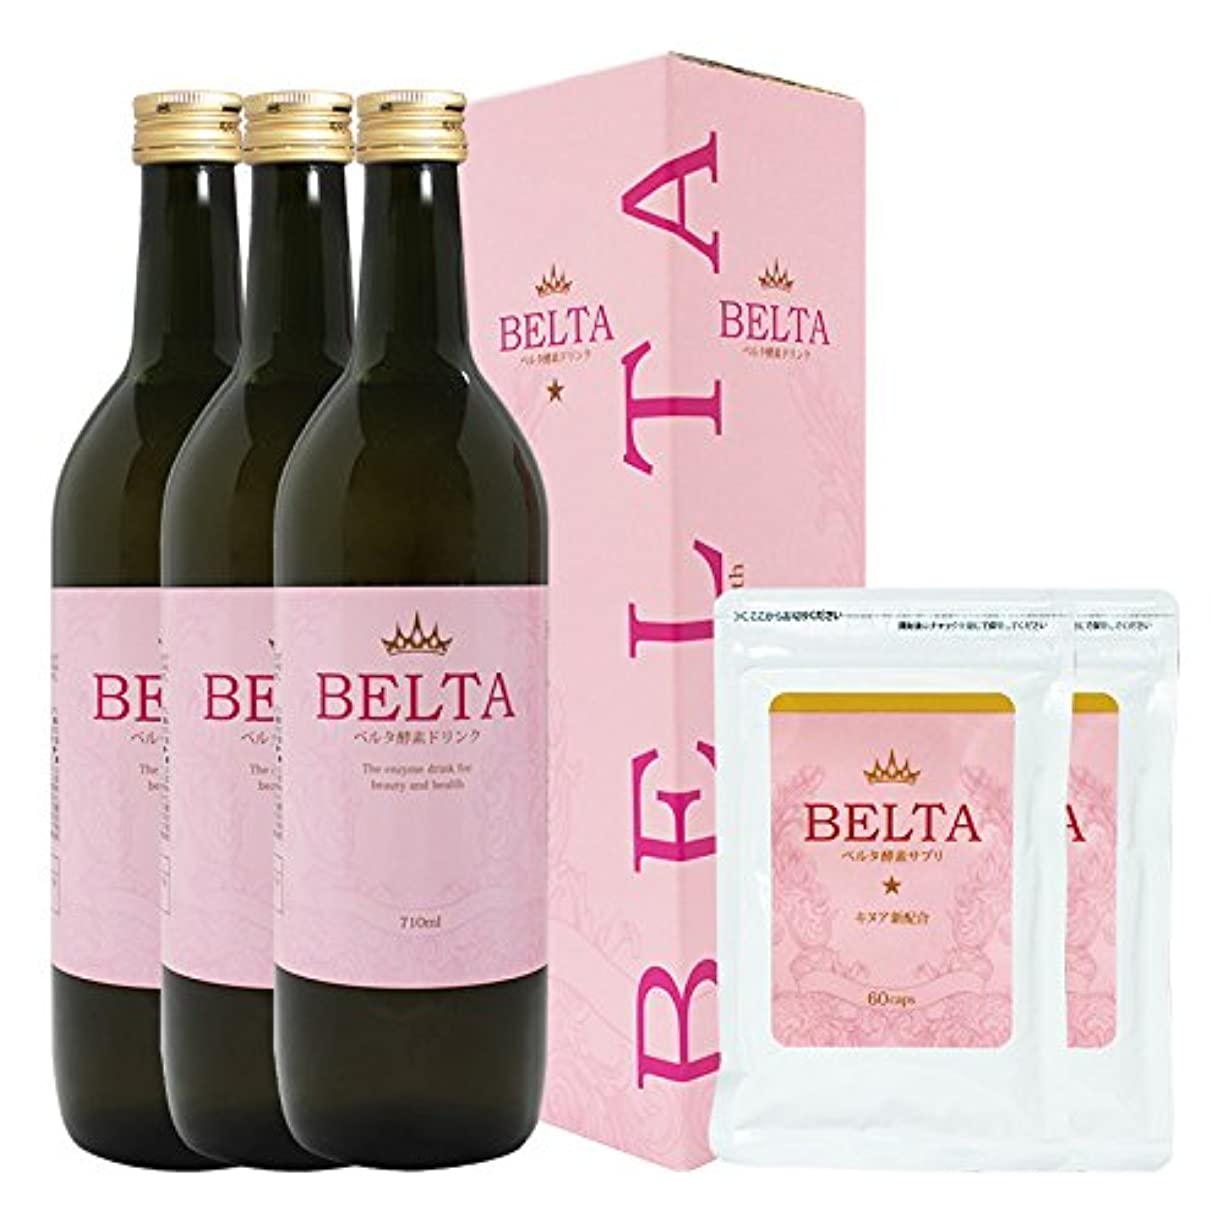 流プリーツ驚くべきBELTA ベルタ酵素ドリンク 即ダイエットパック(ベルタ酵素ドリンク (710ml) 3本 ベルタ酵素サプリメント(60粒) 2袋) 置き換え ダイエット ファスティング 断食 すっきり飲みやすいピーチ味